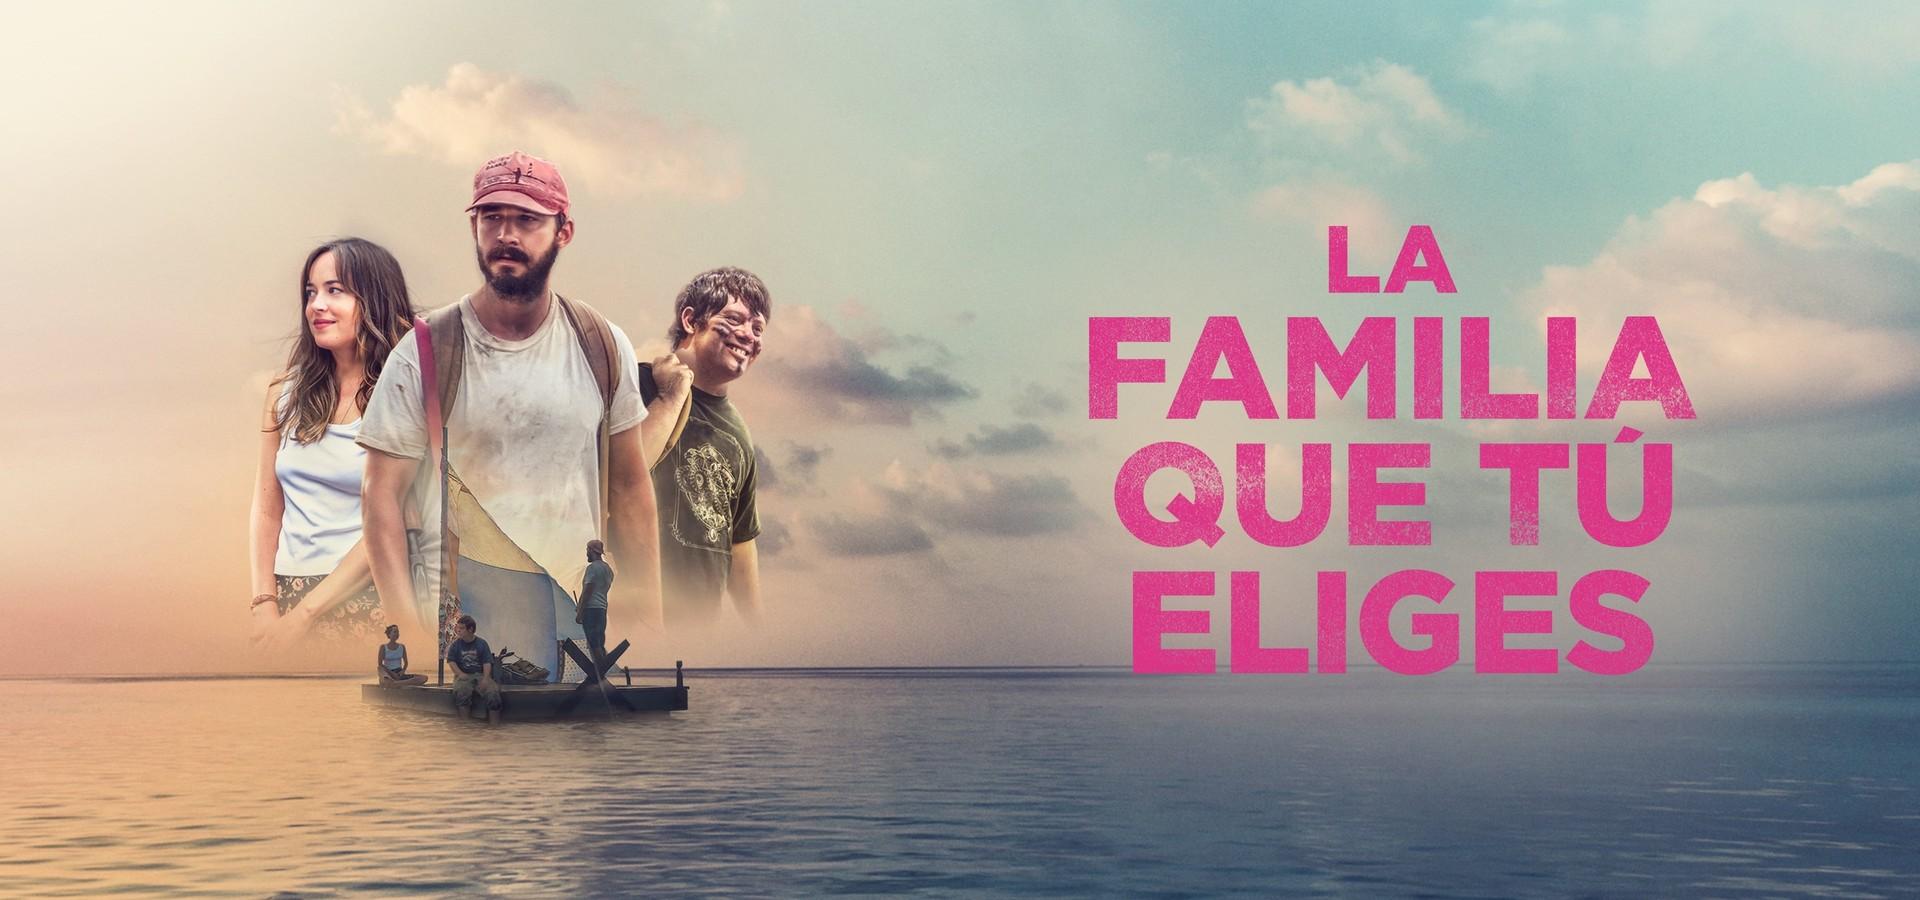 La familia que tú eliges